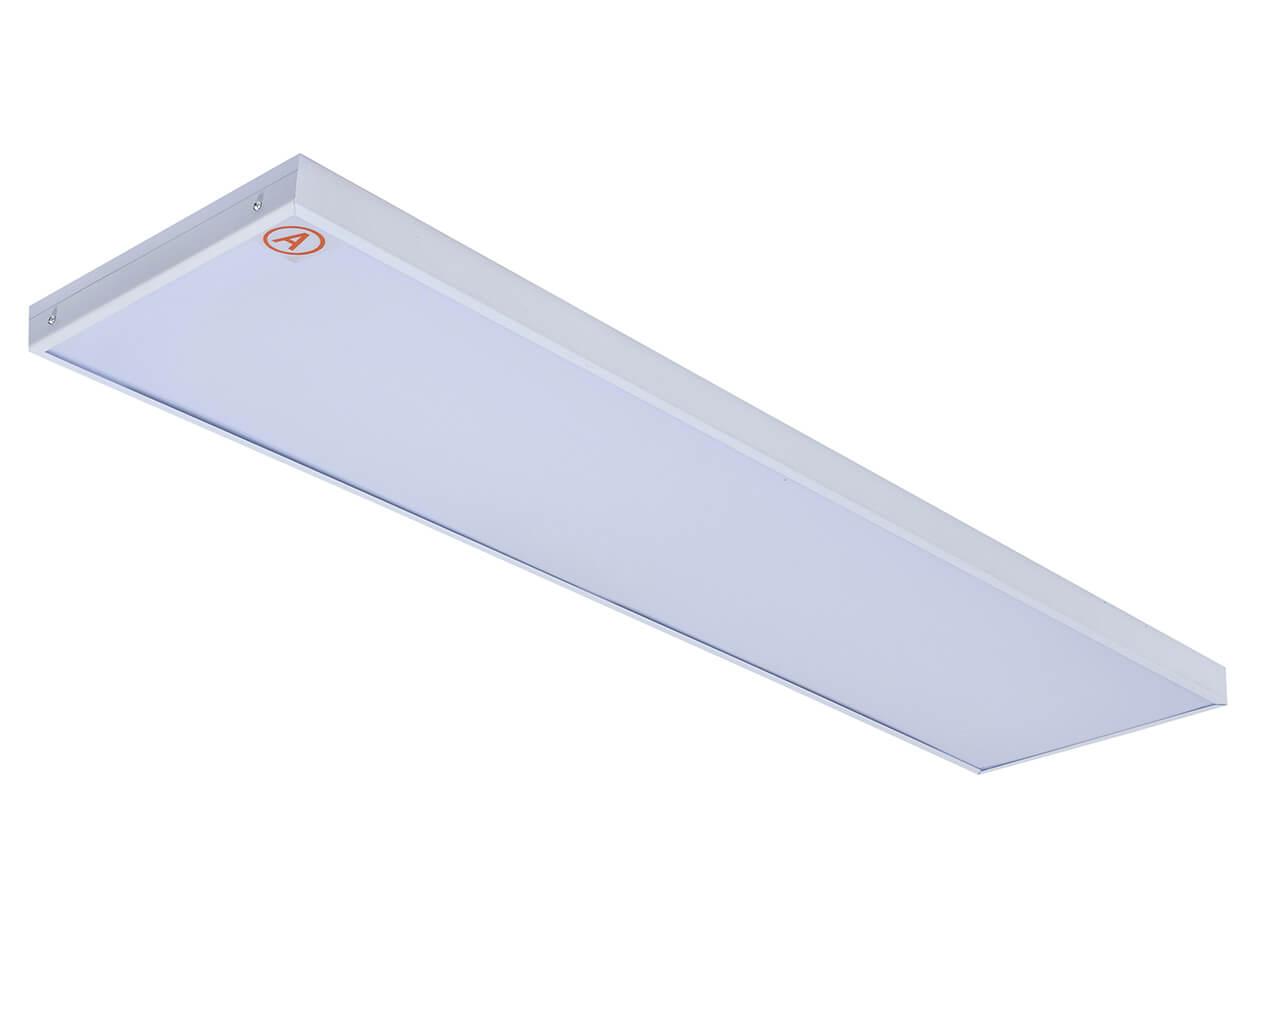 Накладной светильник LC-NSM-60-OP-WW ватт 1195x295 Теплый белый Опал с Бап